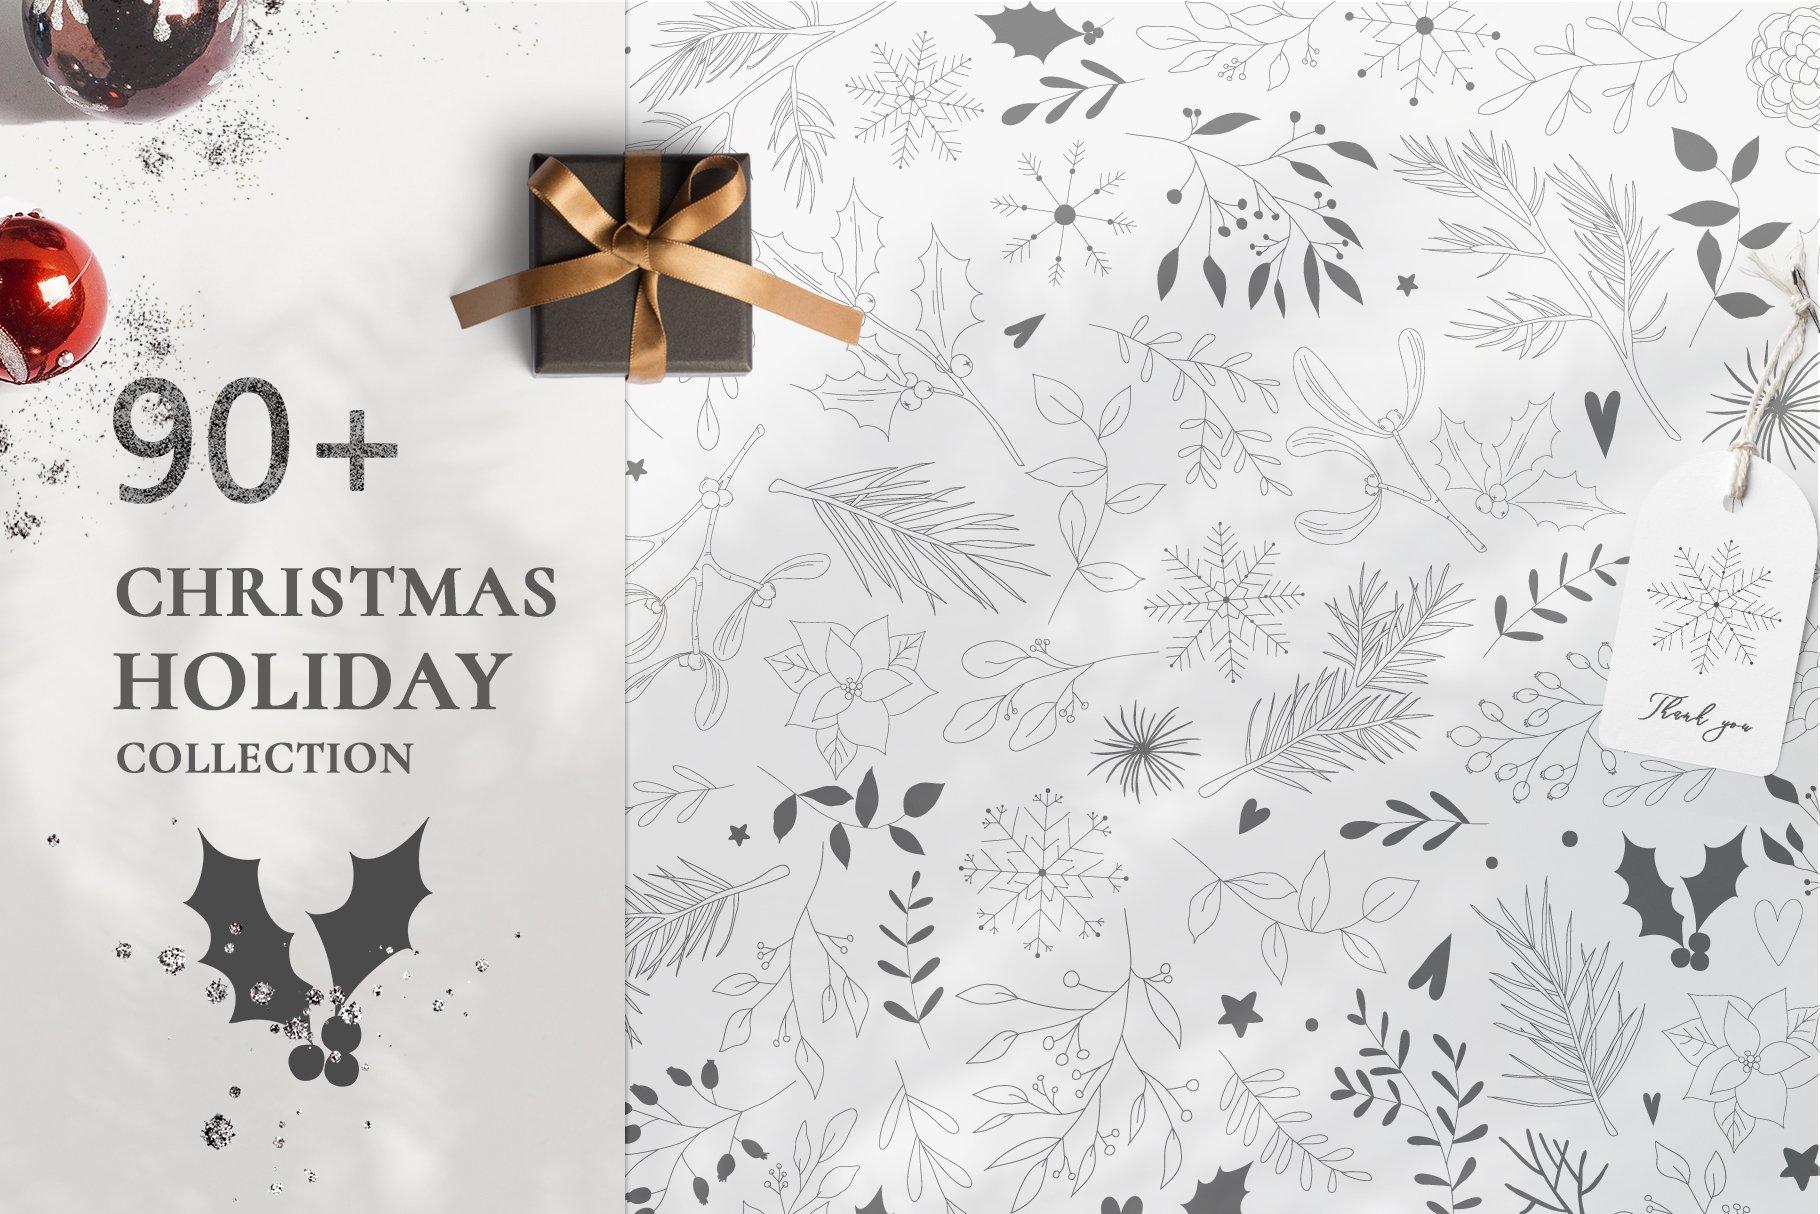 圣诞节主题手绘树叶画框矢量图形设计素材 Christmas Holiday Collection插图